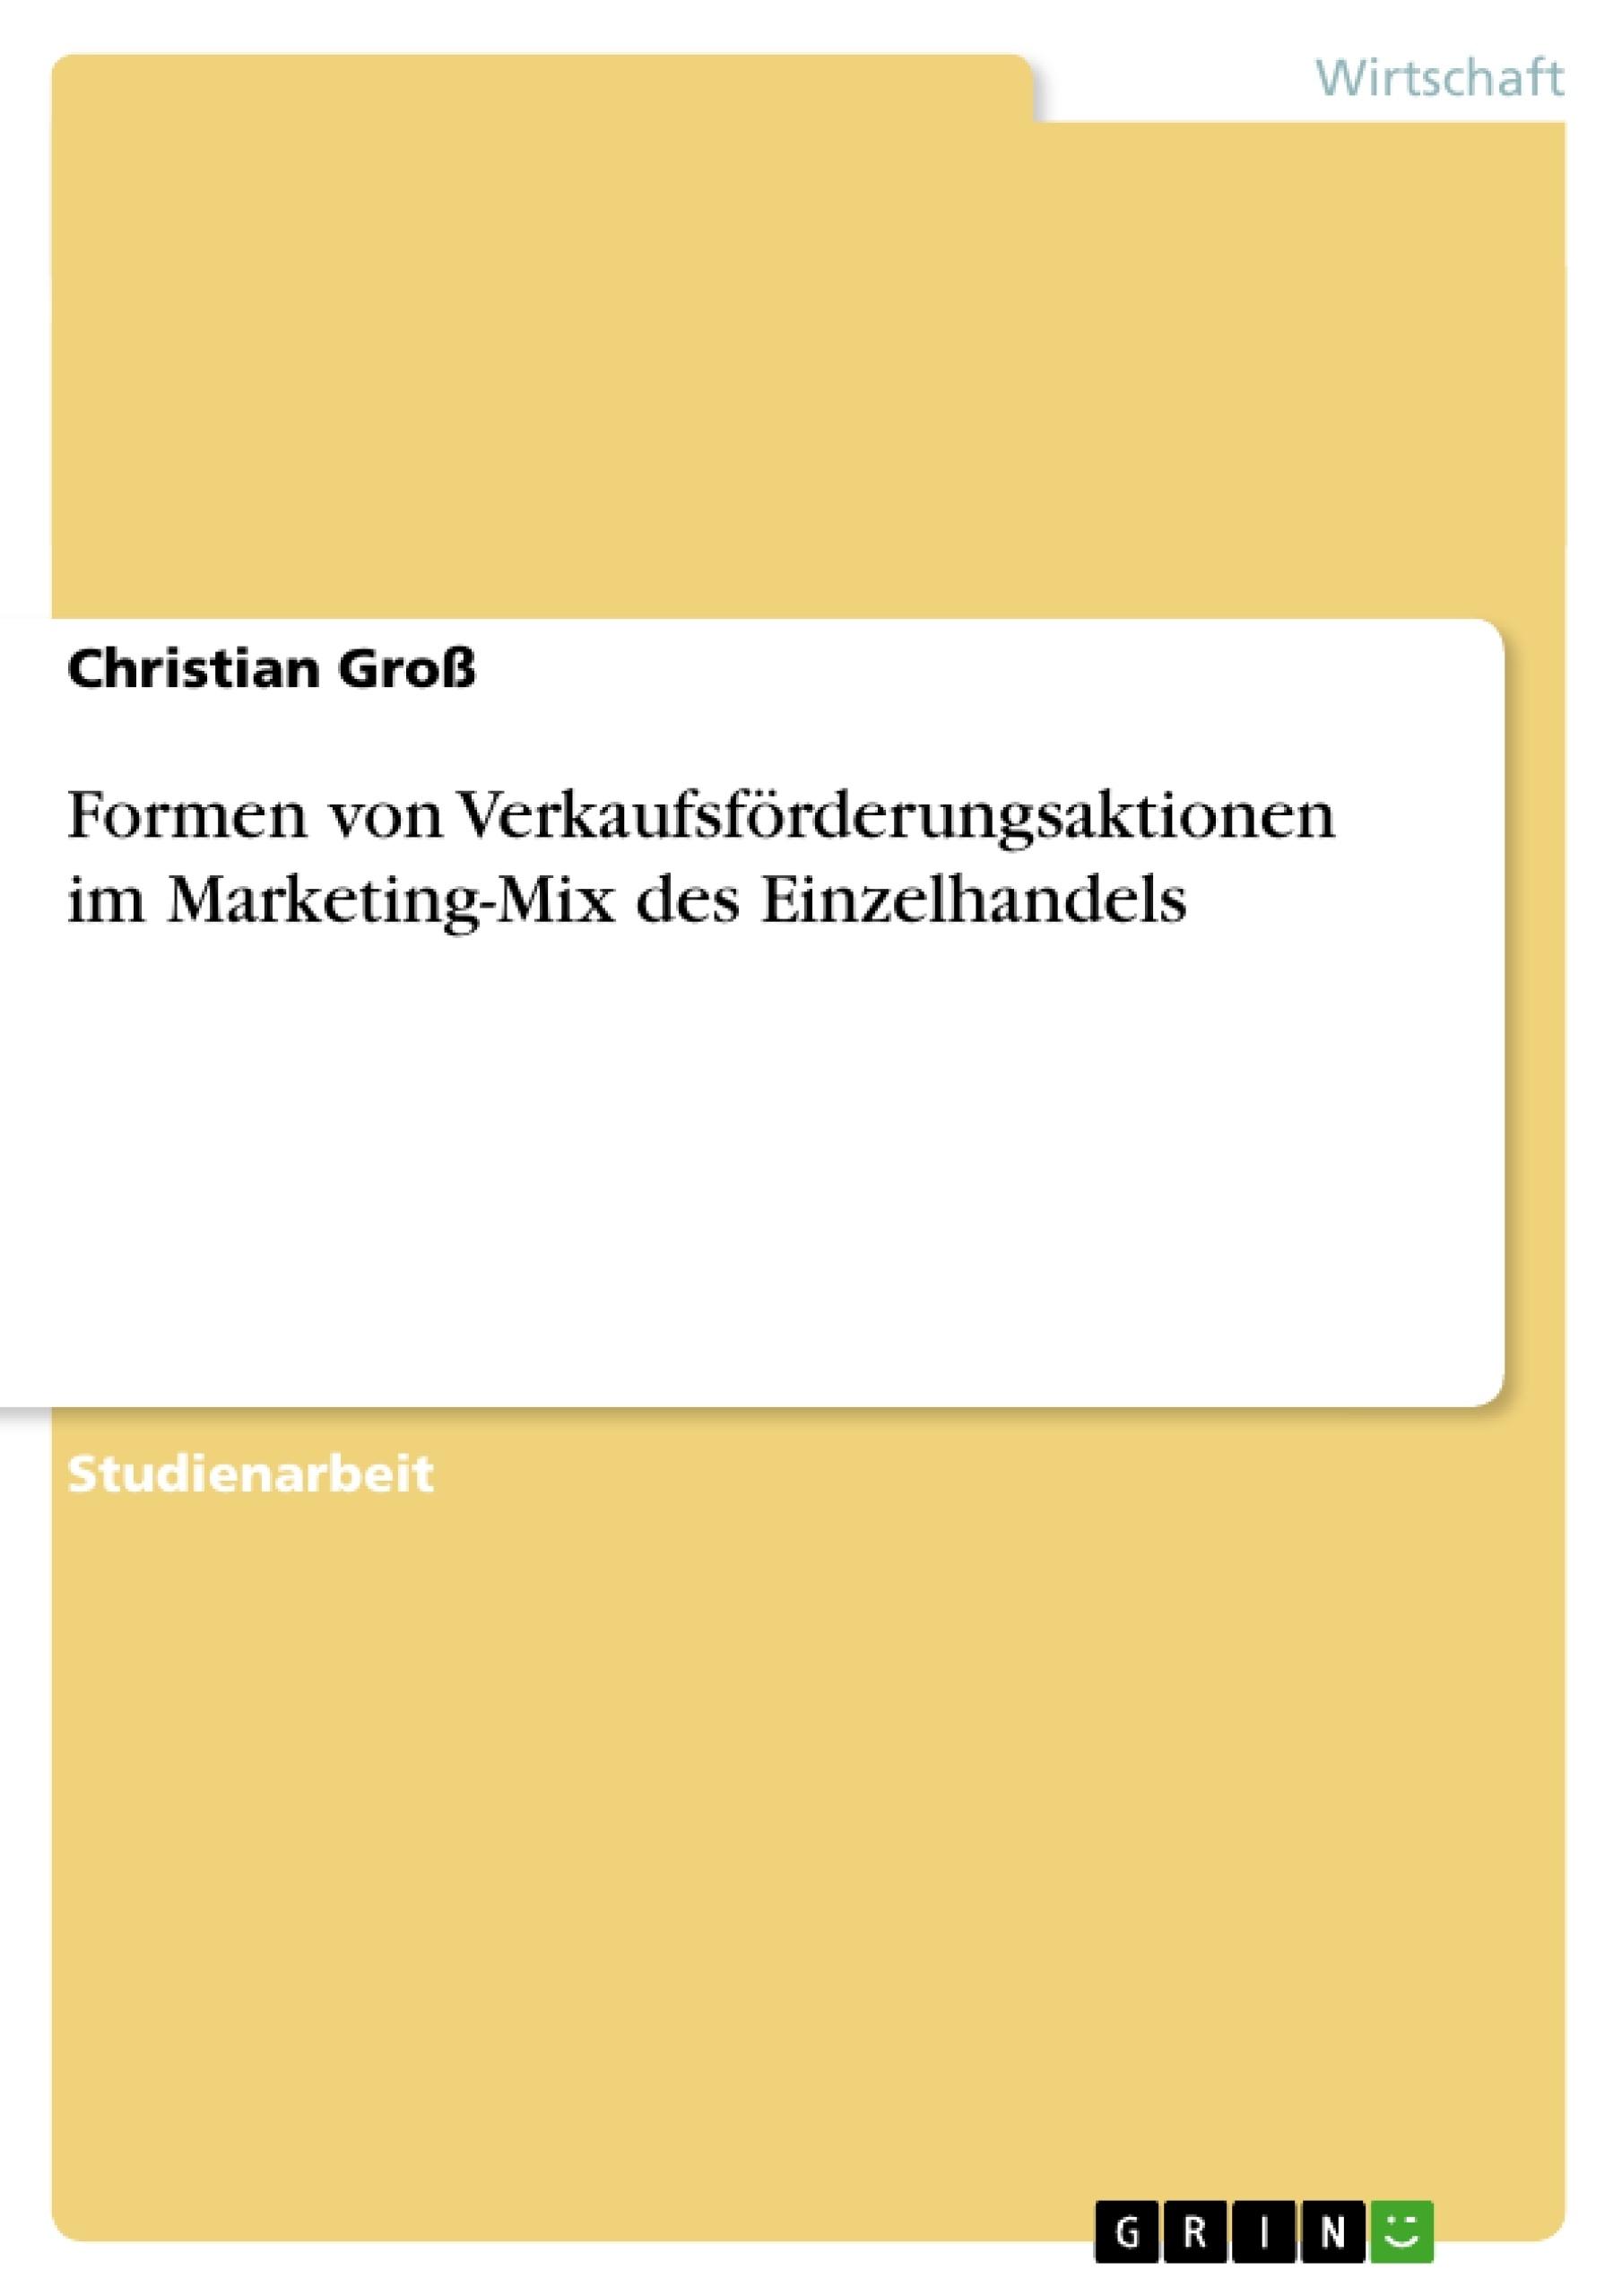 Titel: Formen von Verkaufsförderungsaktionen im Marketing-Mix des Einzelhandels